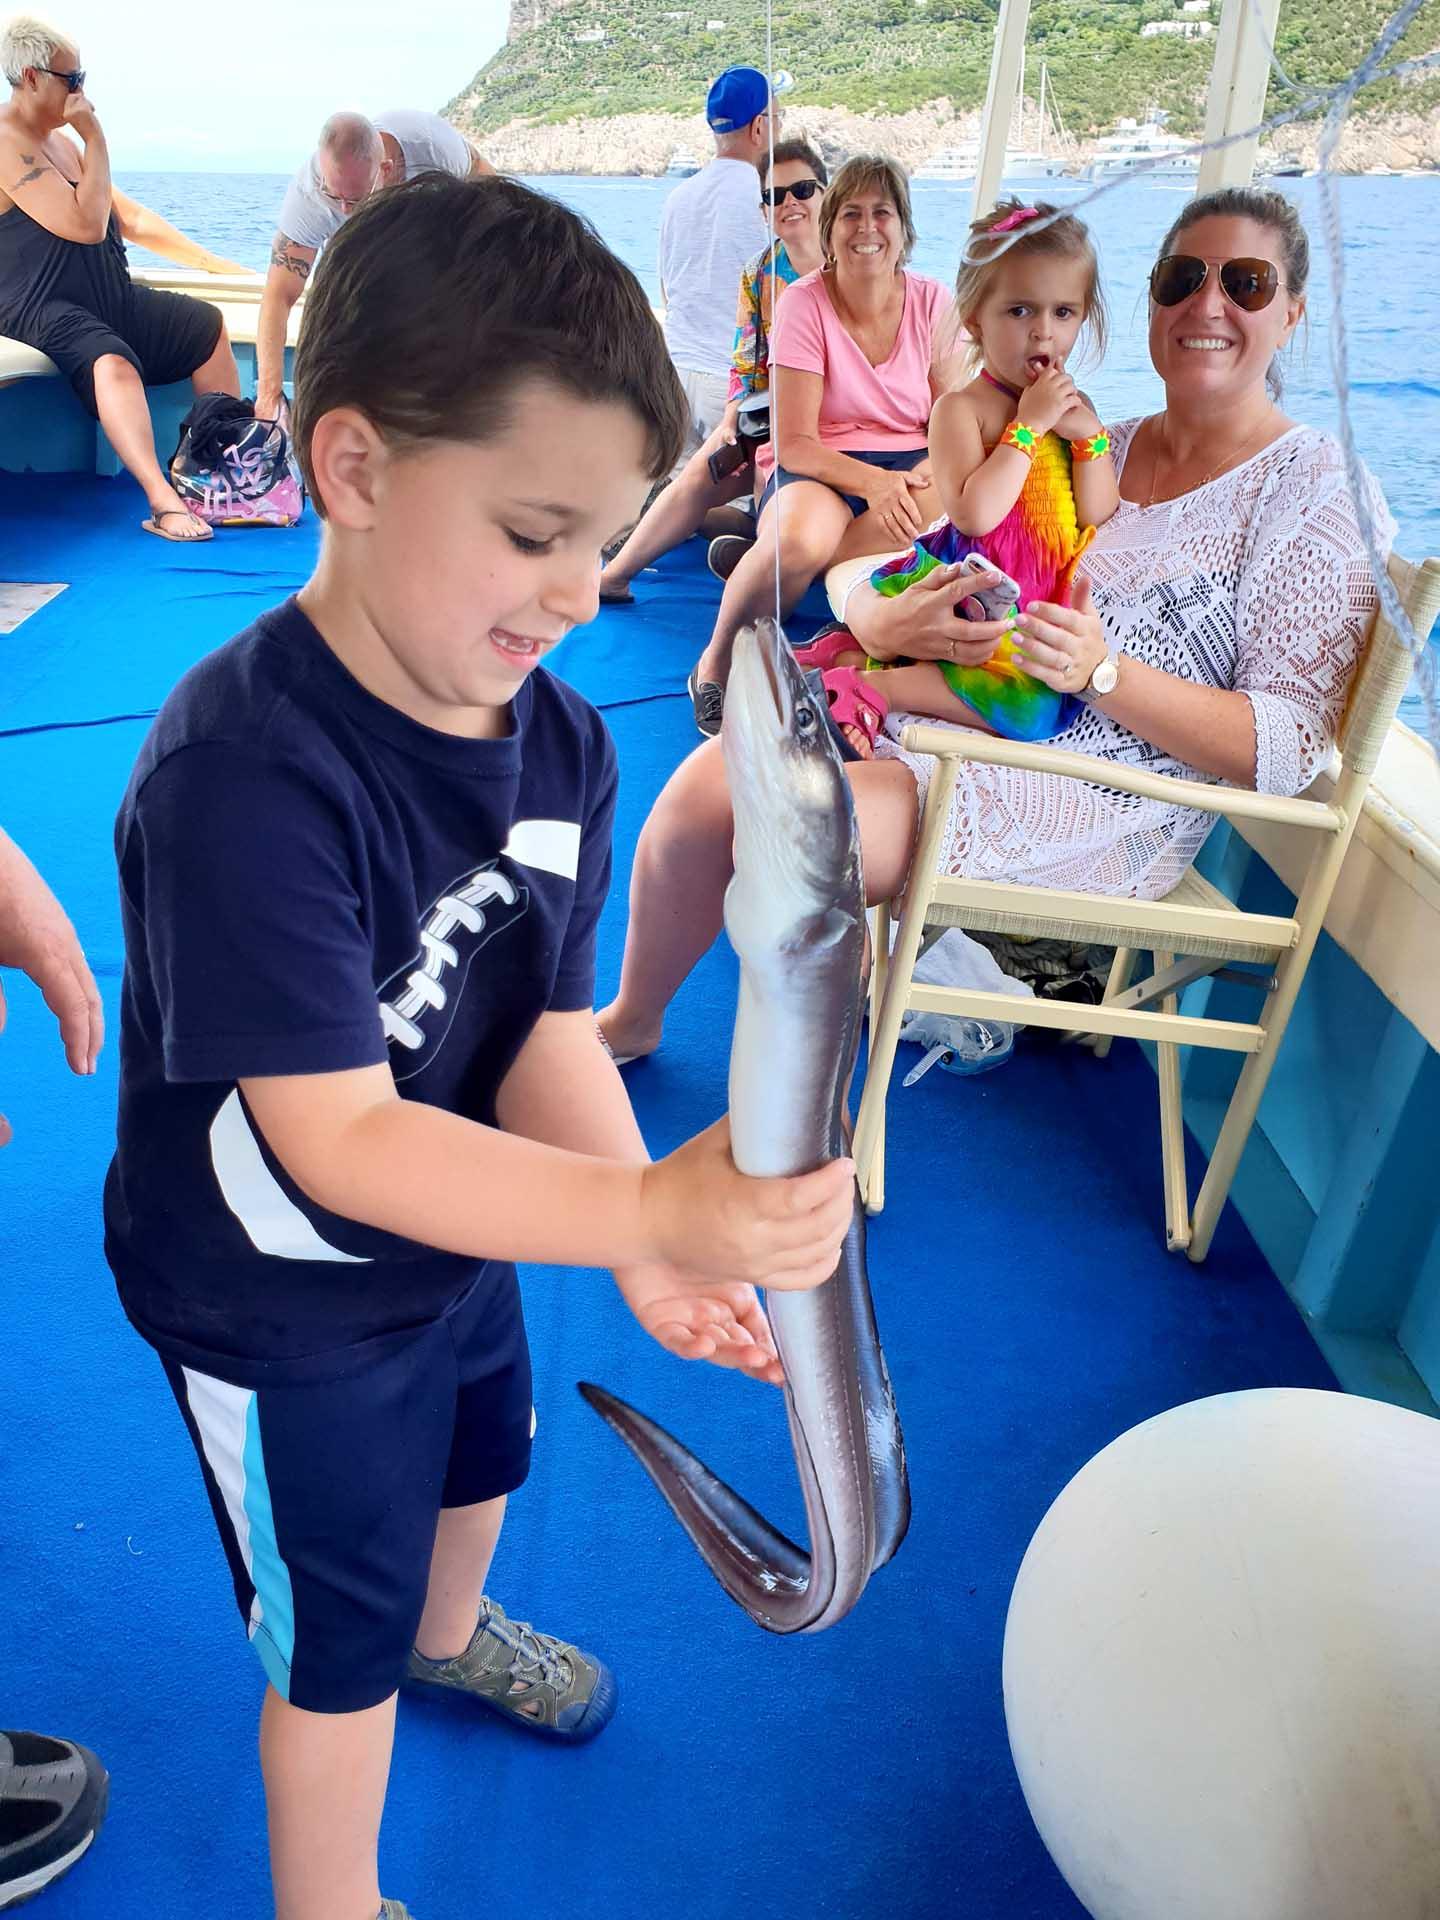 Pescaturismo a Capri per famiglie con bambini piccoli